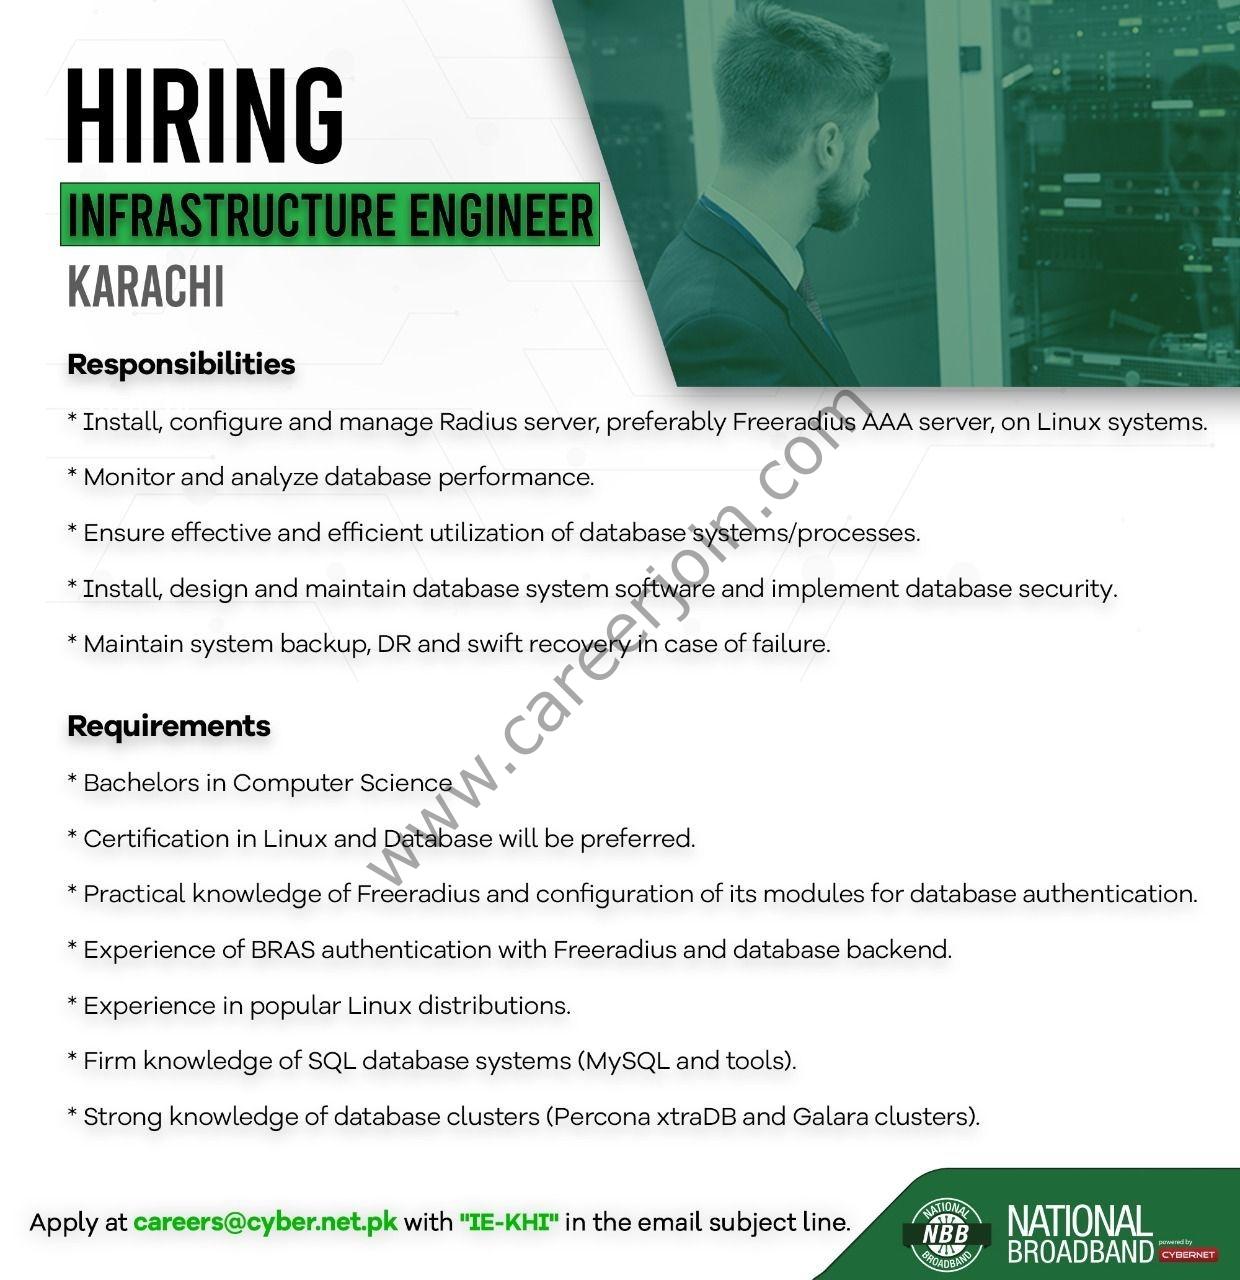 National Broadband Jobs Infrastructure Engineer